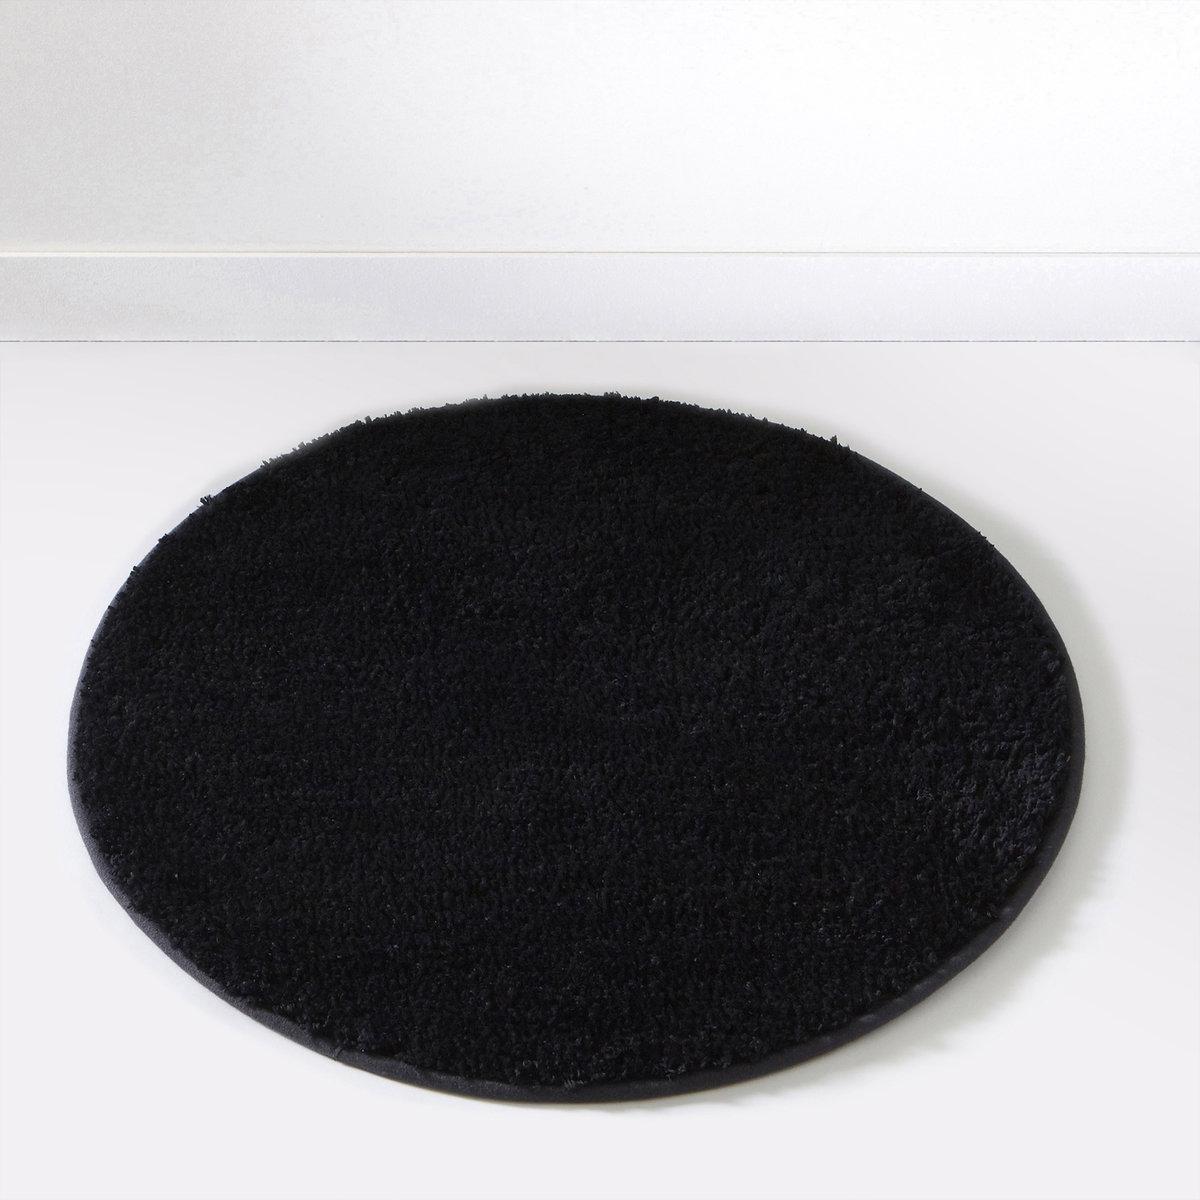 Коврик для ванной SCENARIOСостав коврика для ванной Scenario:Пушистая одноцветная микрофибра, 1500 г/м2.100% полиэстера.Диаметр коврика для ванной Scenario:60 см, 7 цветов: бежевый / белый / голубой / темно-серый / черный / зеленый анисовый / фиолетовый сливовый.<br><br>Цвет: зеленый анис,черный<br>Размер: единый размер